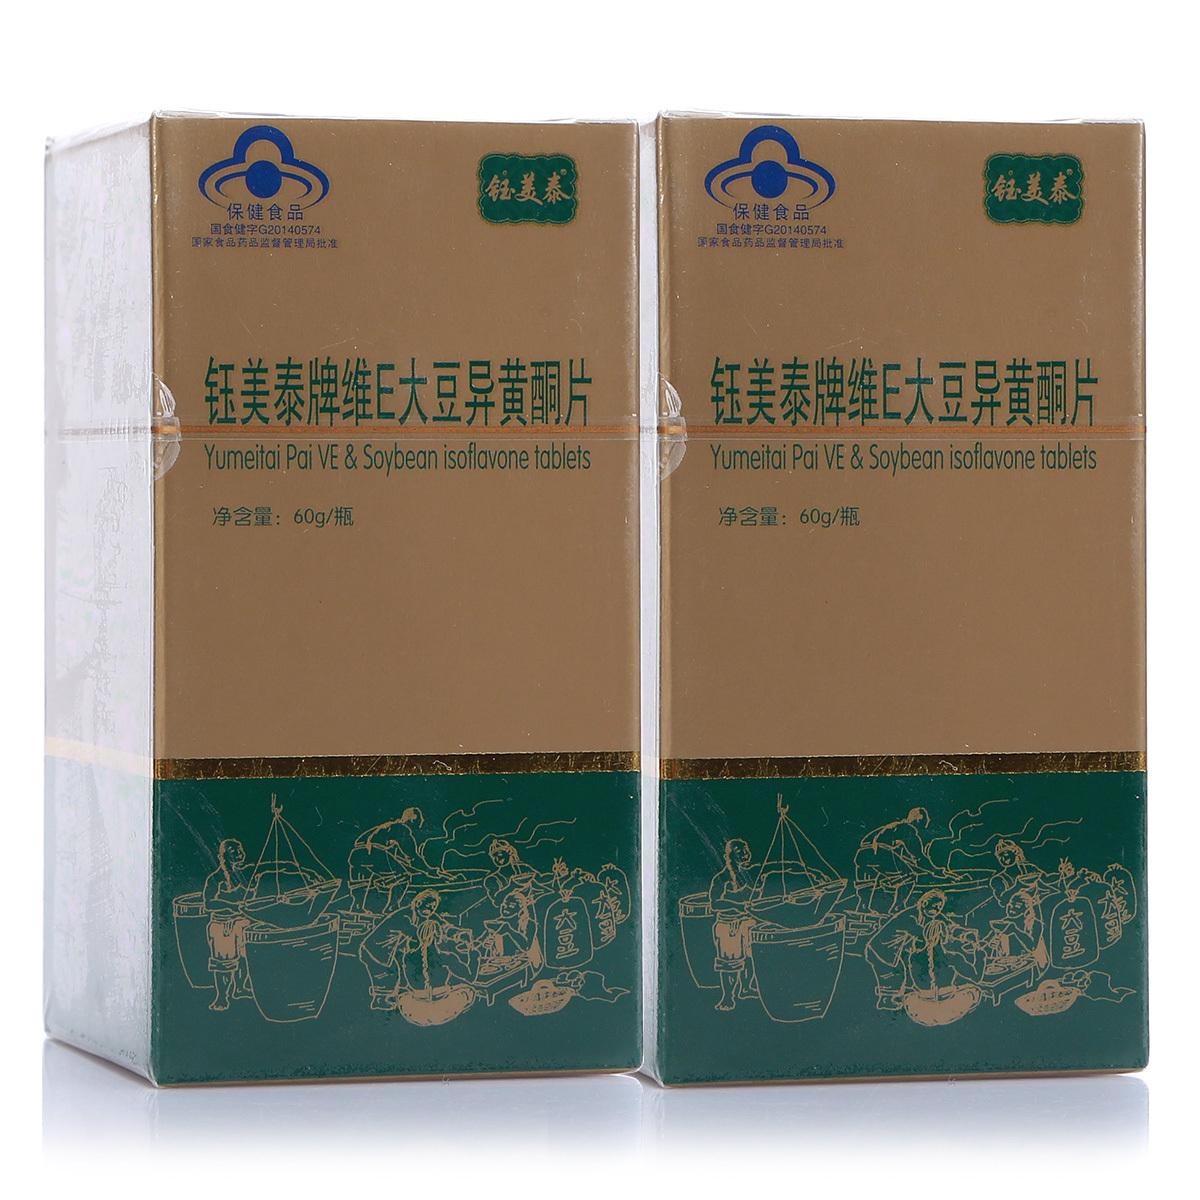 玉の美しい泰の札の維Eダイズのイソフラボンの切れの0.5 g/切れ*120切れ/瓶*2箱の定食